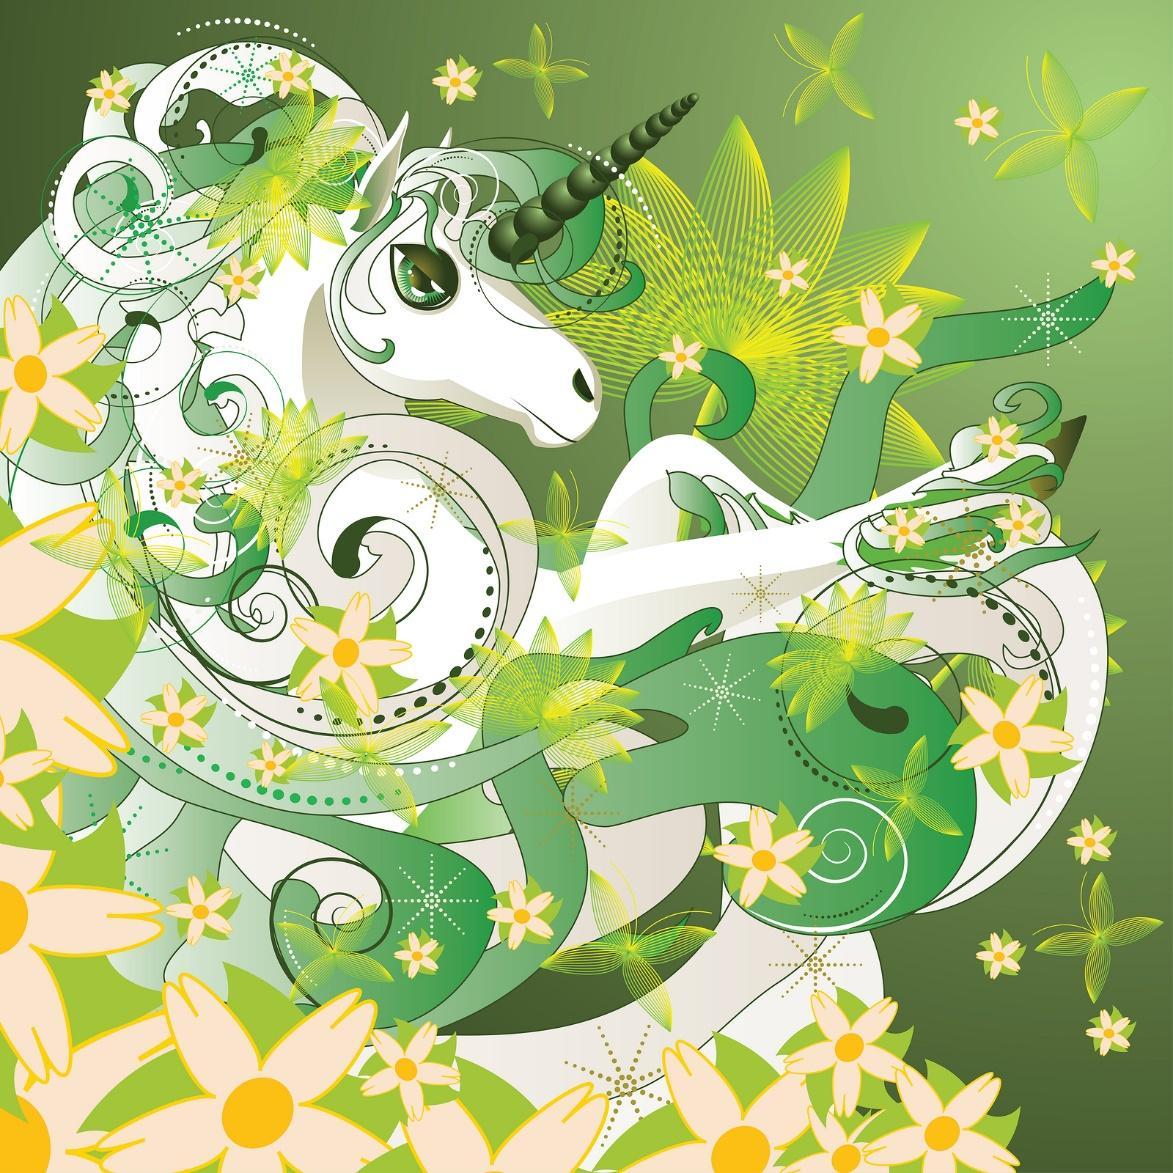 green-unicorn.jpg